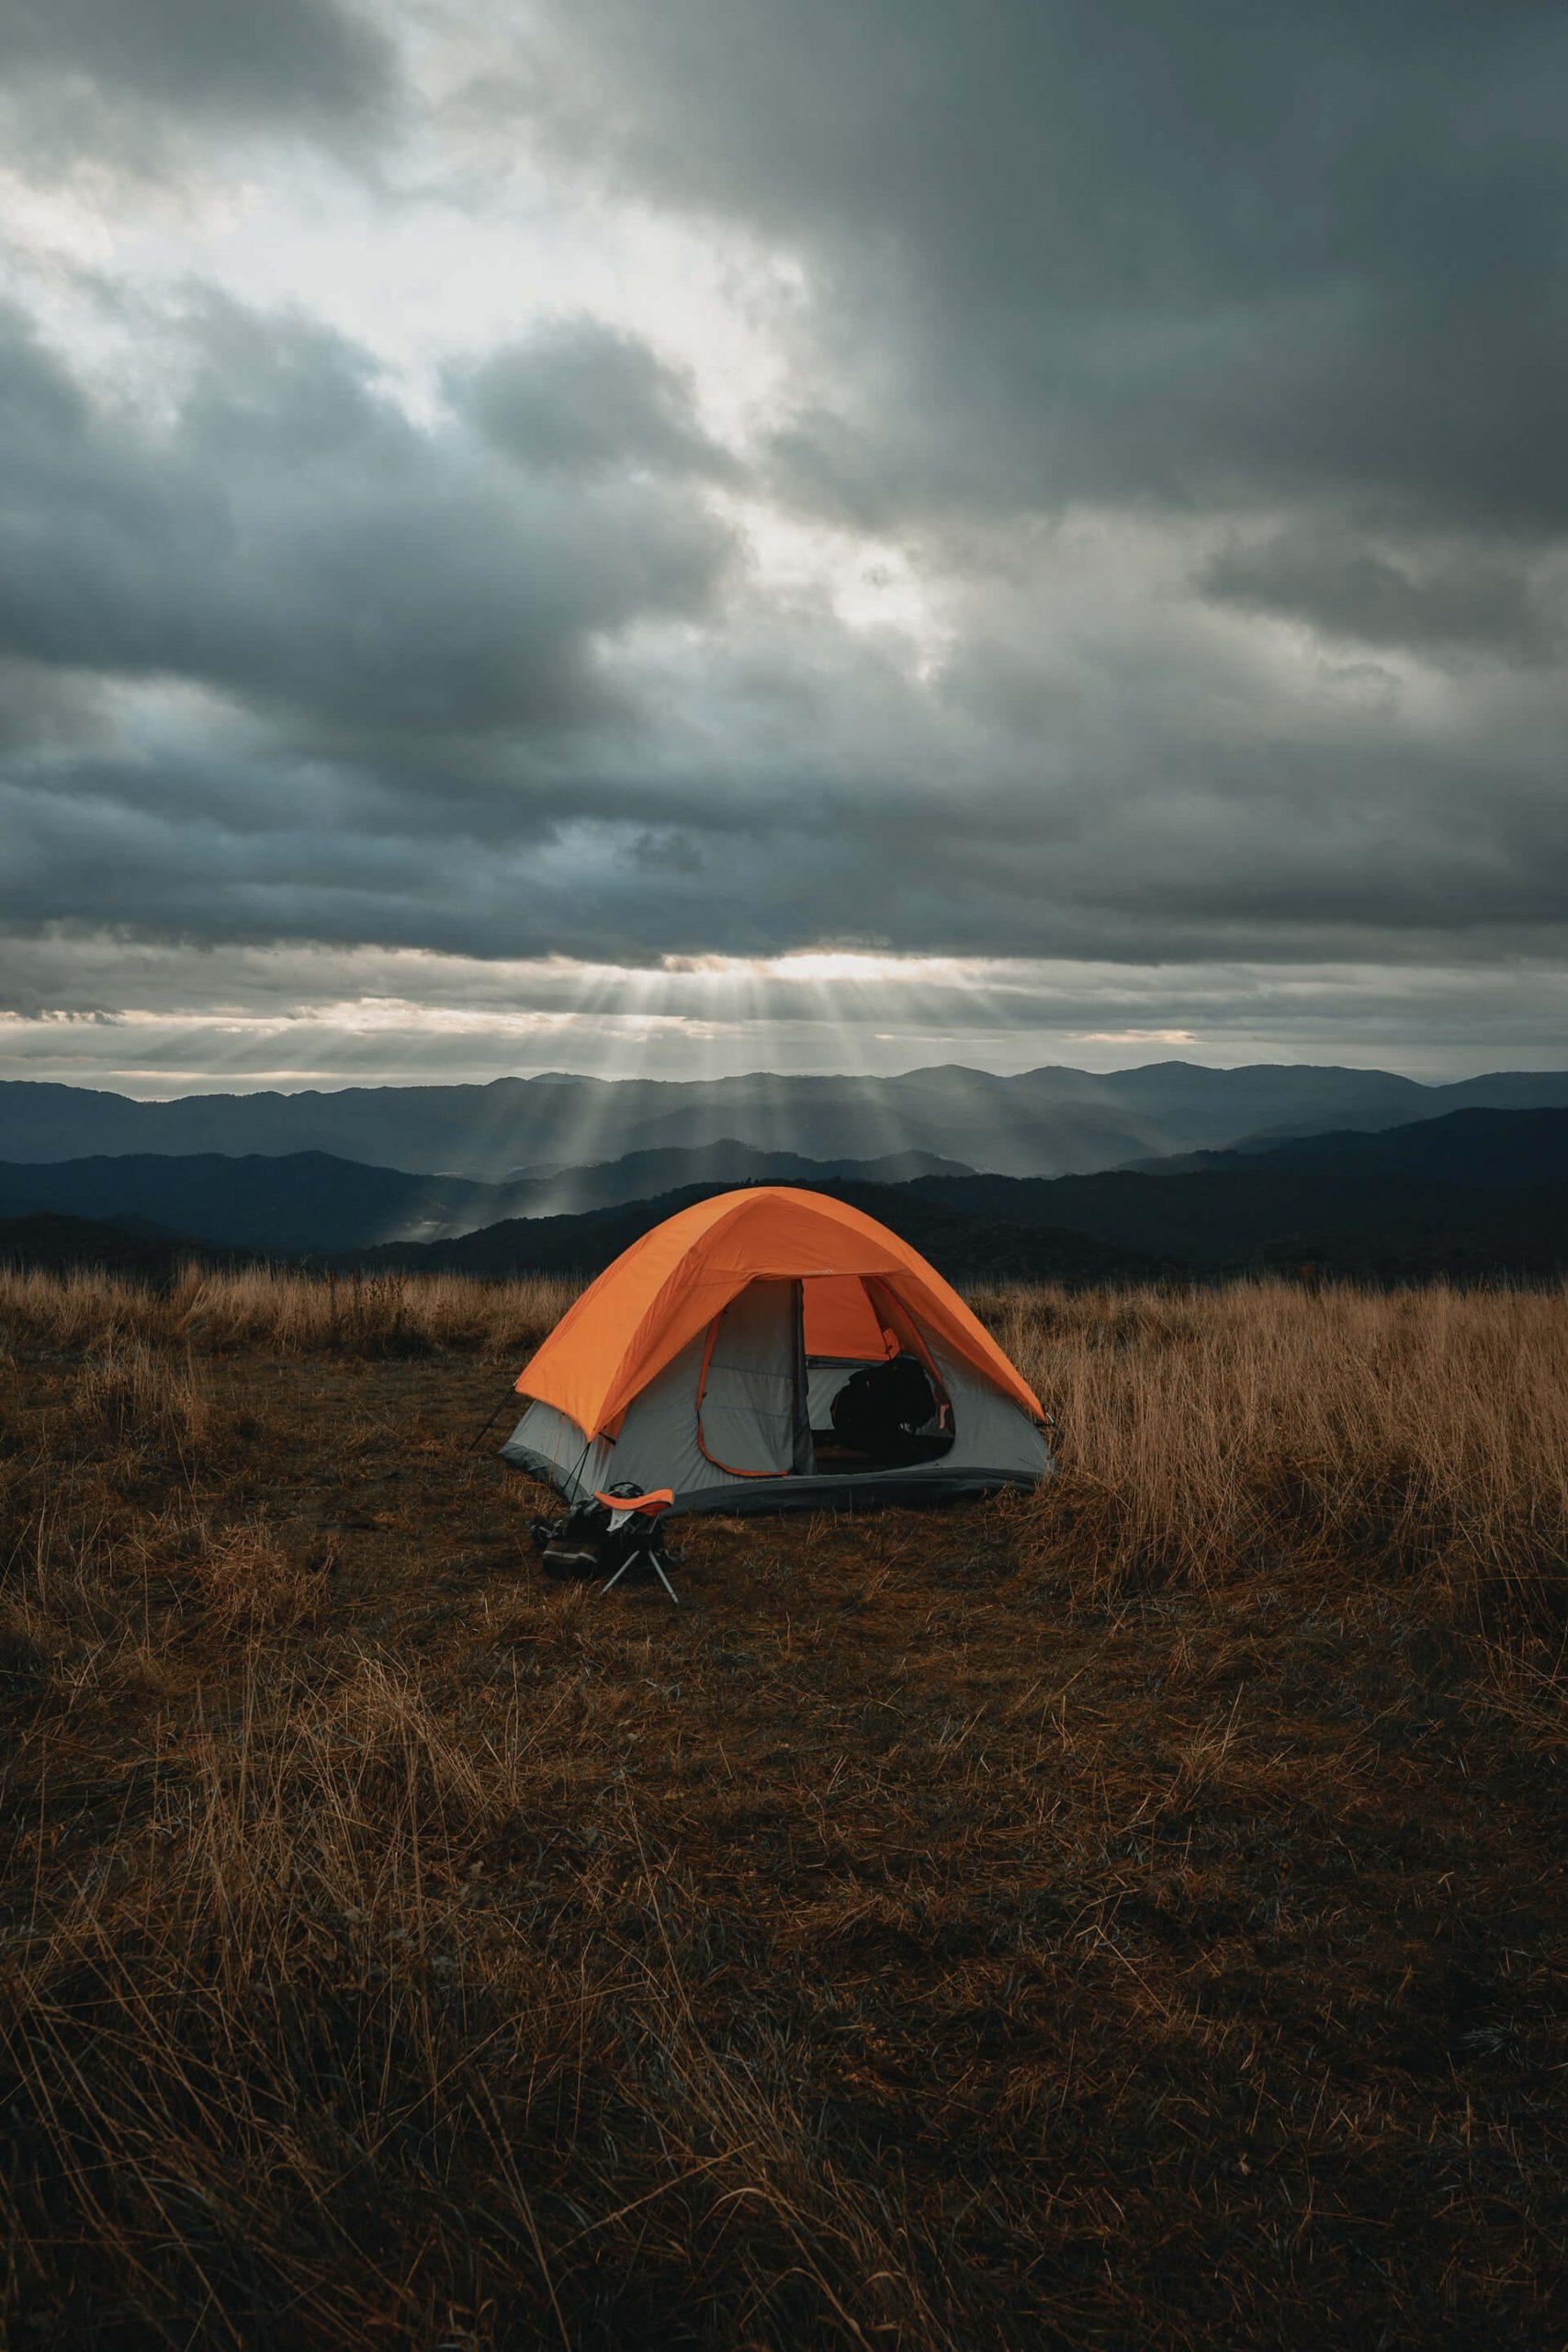 Camping Etats Unis